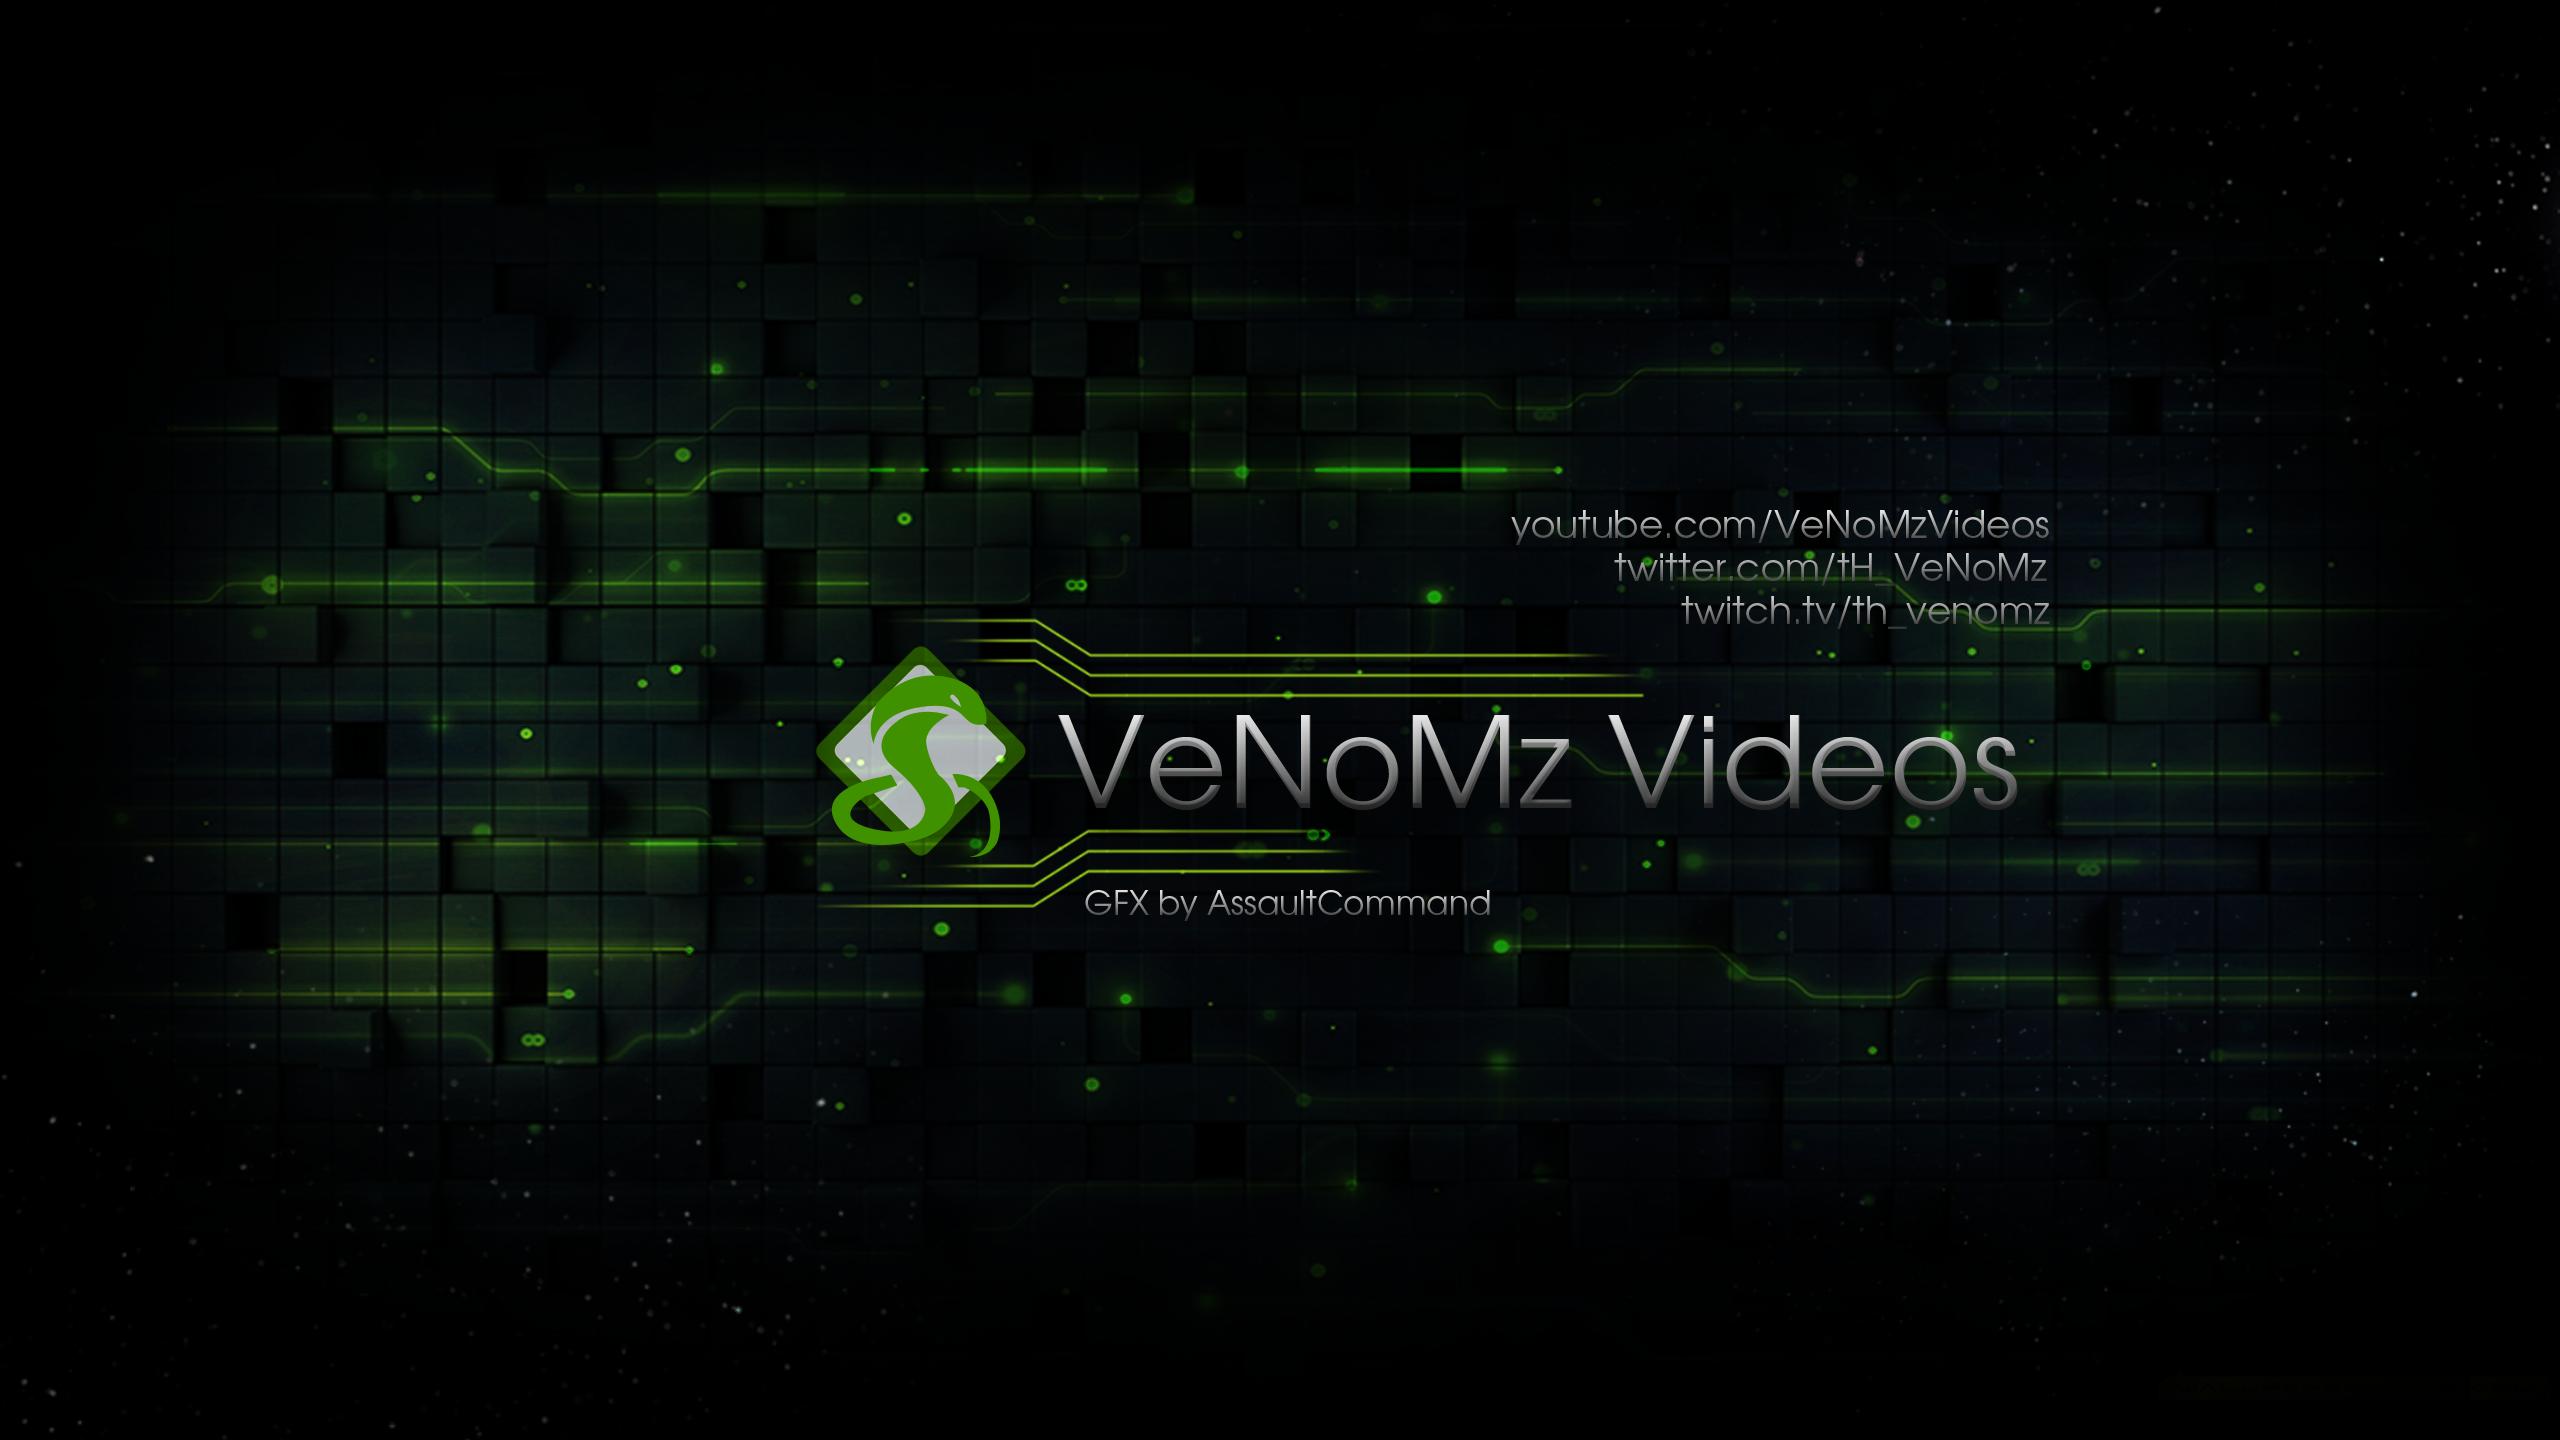 VeNoMz Videos - Youtube banner/Wallpaper by Floodgrunt on DeviantArt